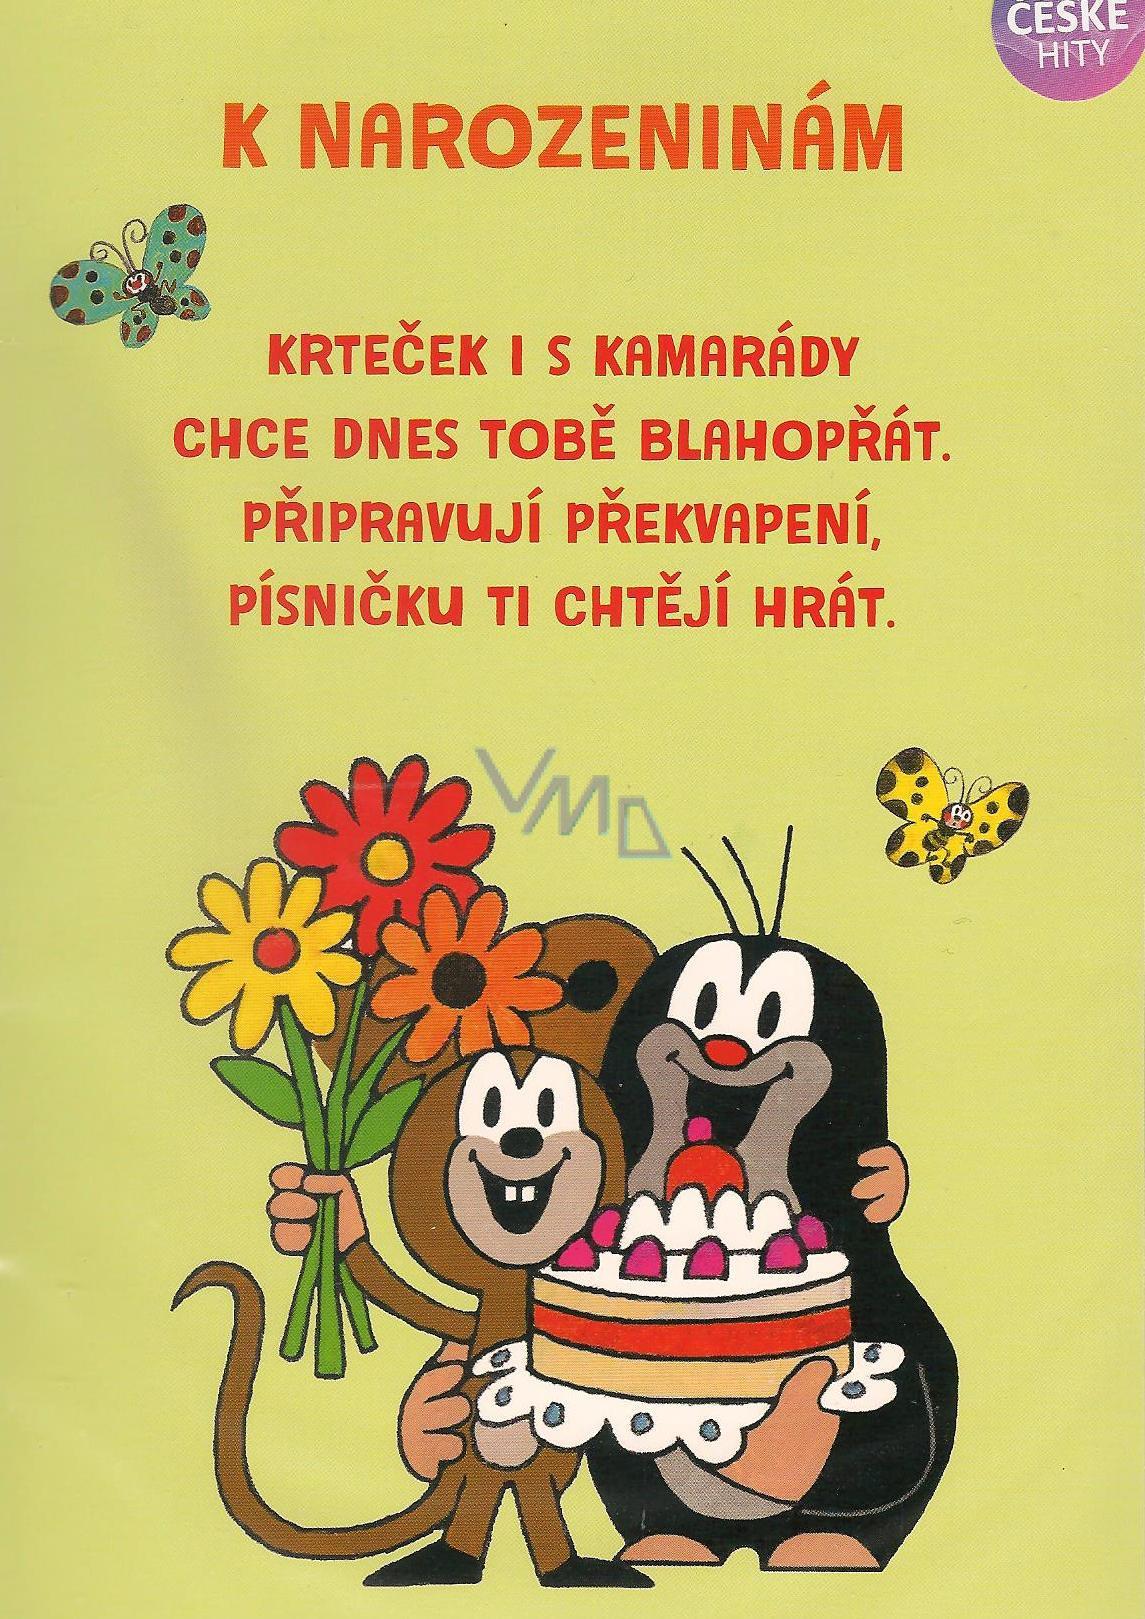 přání k 8 narozeninám Albi Hrací přání do obálky K narozeninám Krteček chystá překvapení  přání k 8 narozeninám